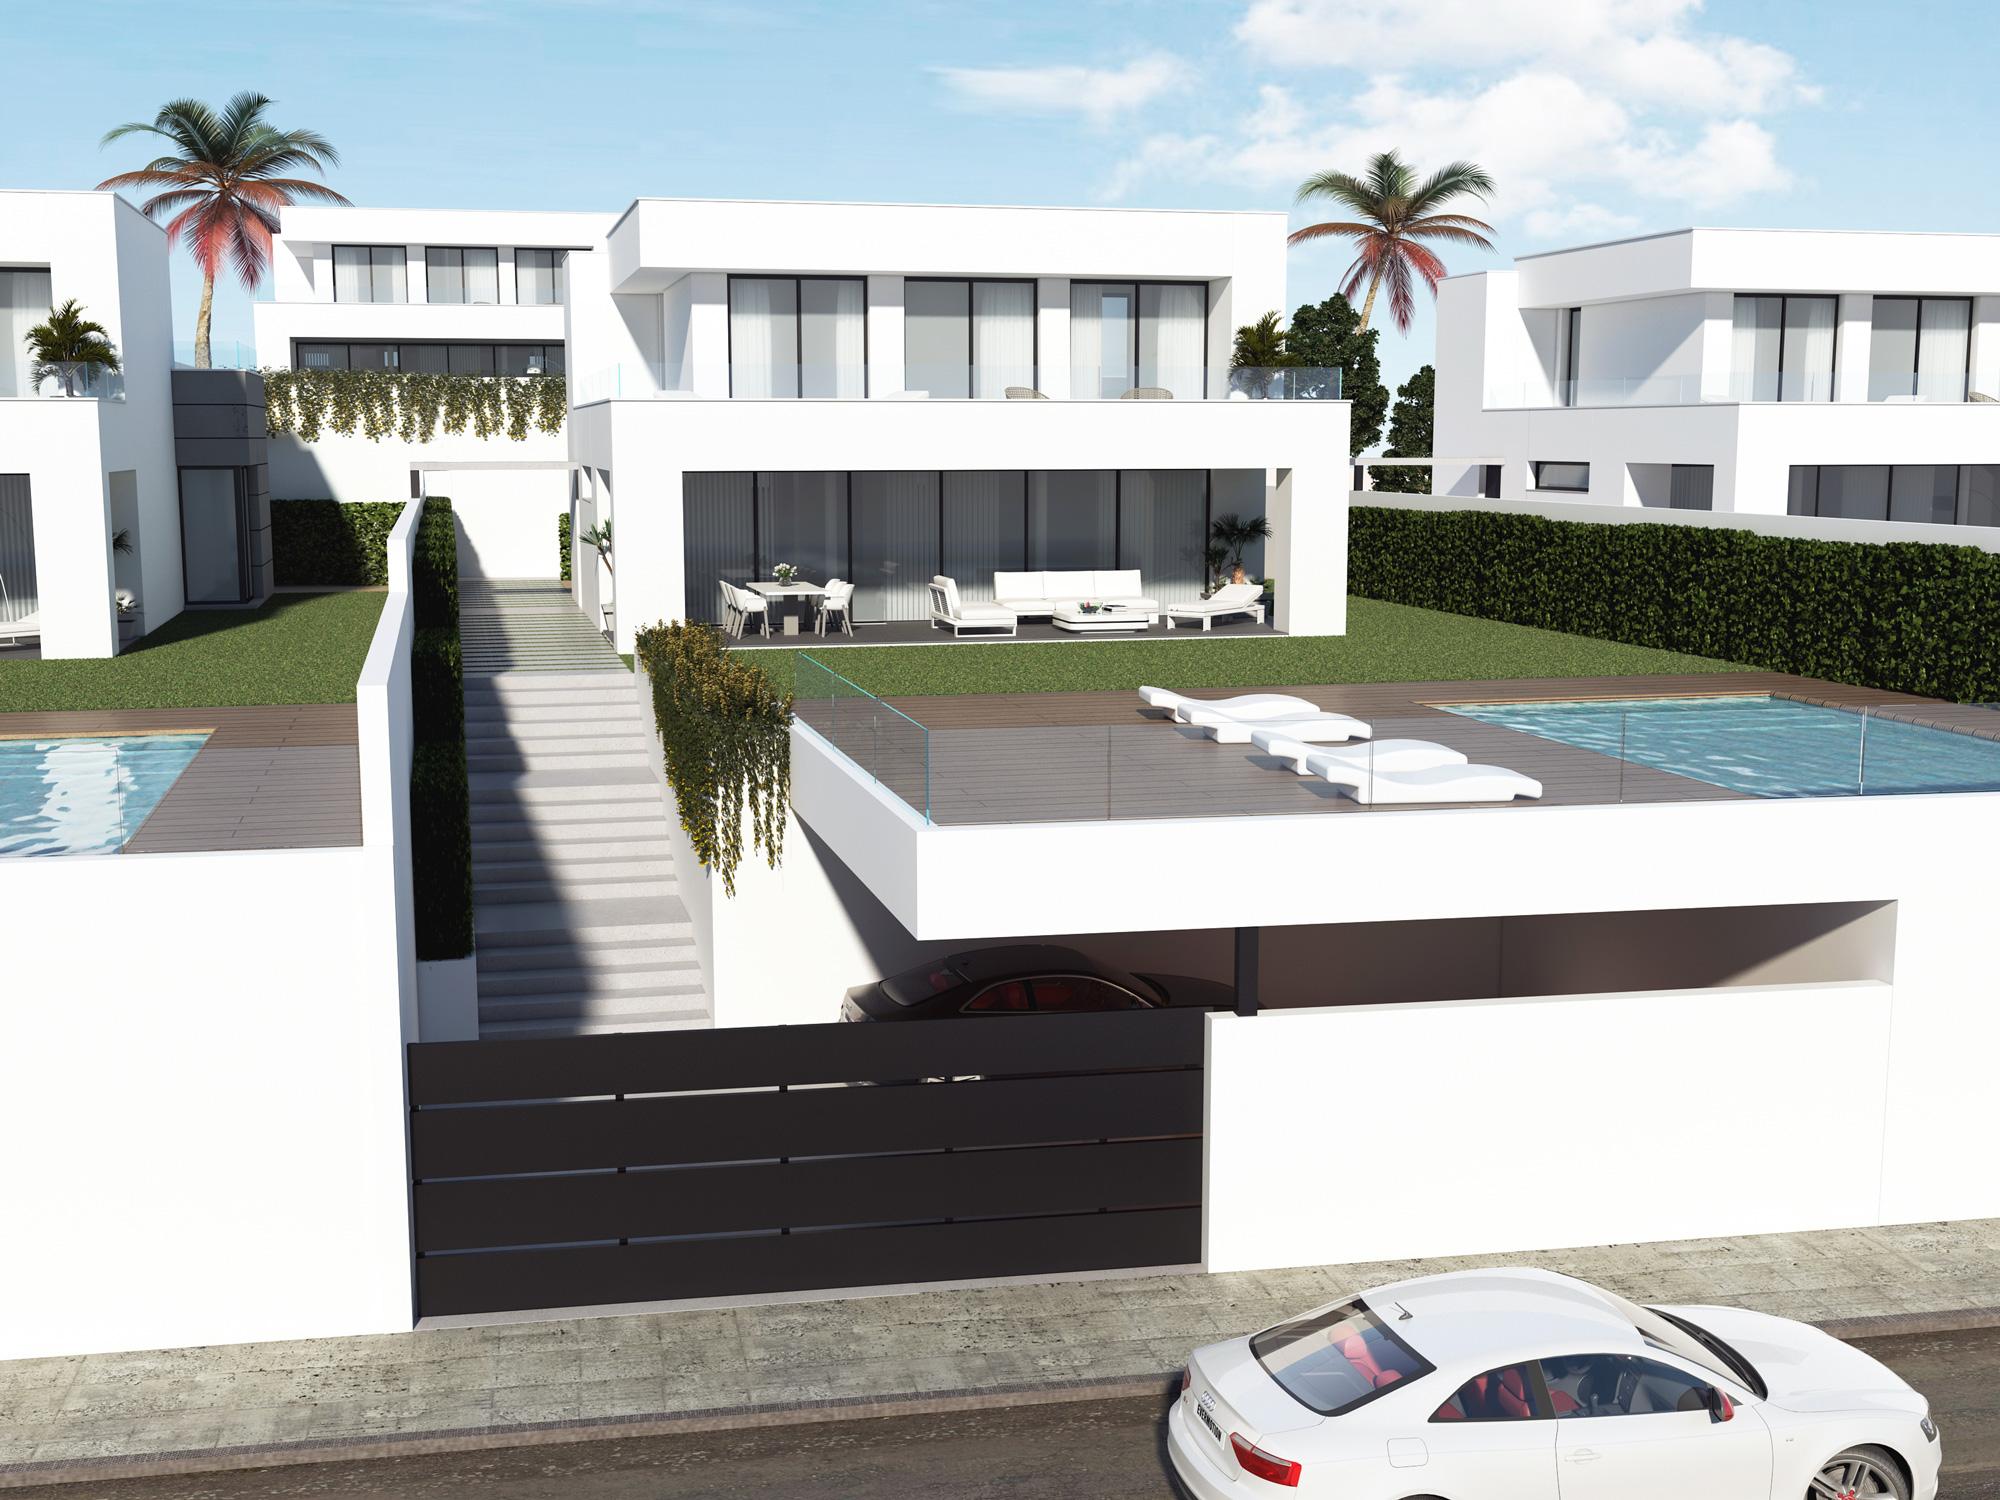 Calle aguamarina villa 18 villas duquesa for Entrada piscina